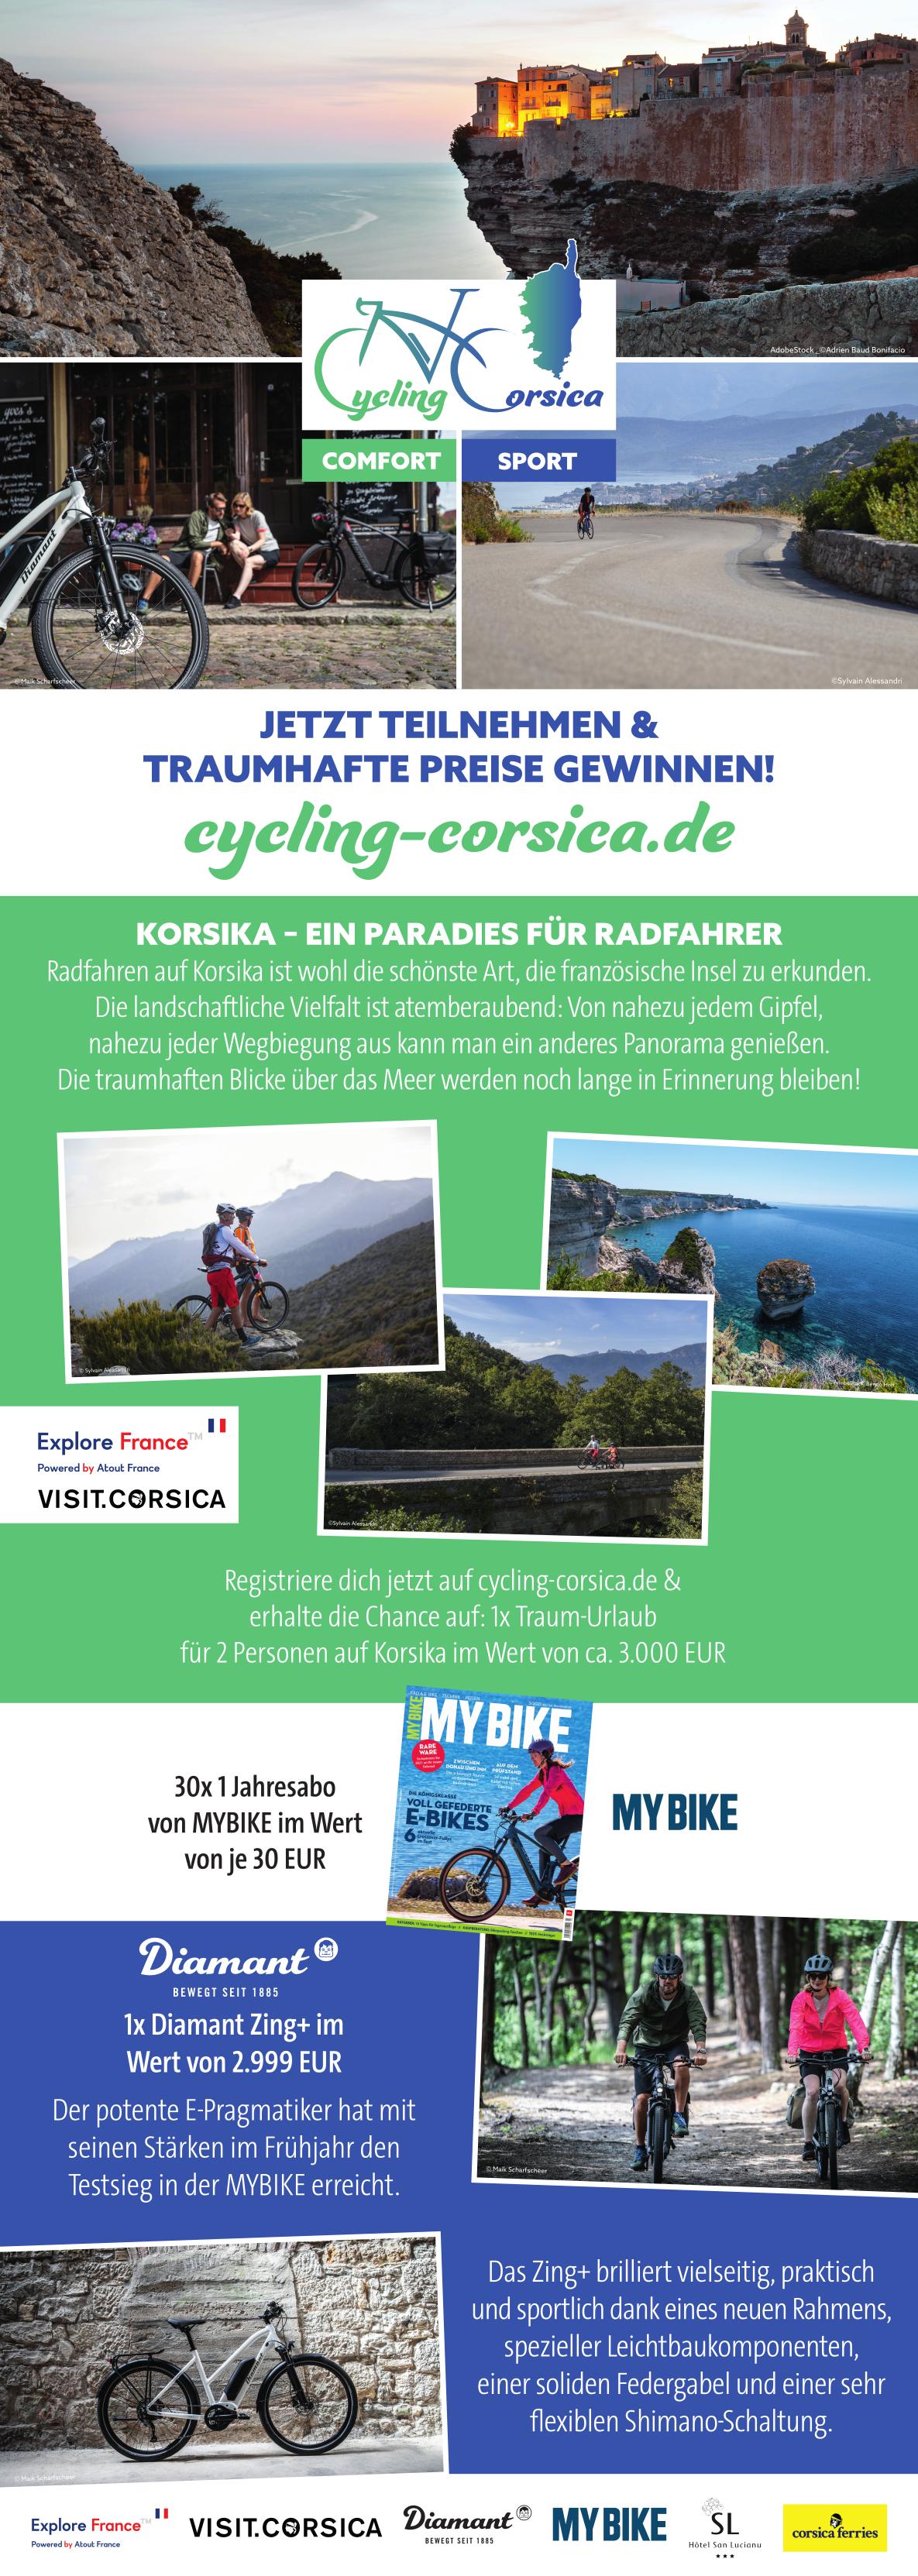 Rückenwind für Atout France und Visit Corsica